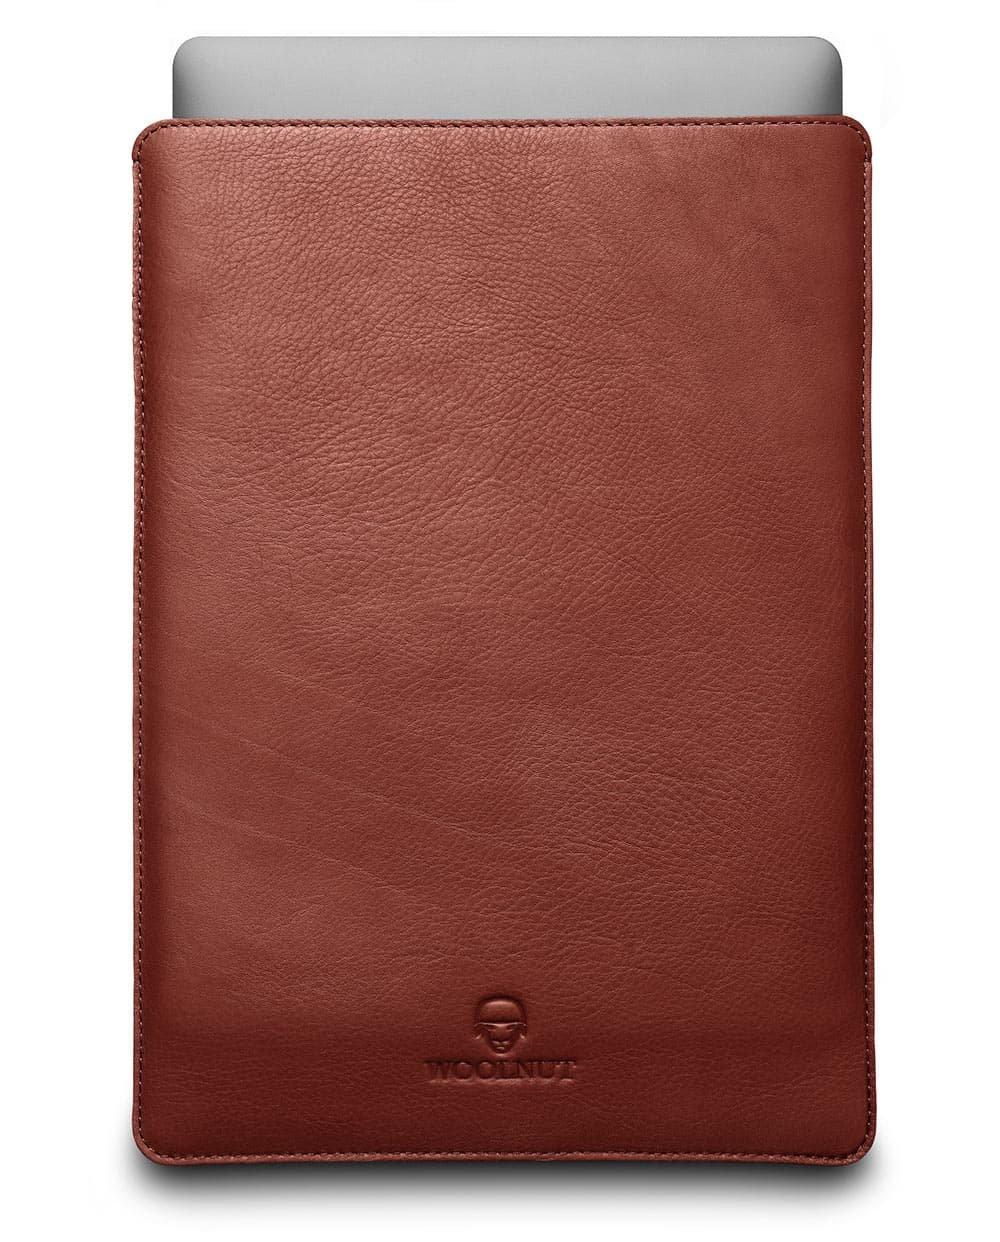 Woolnut MacBook Pro 13 & MacBook Air 13 (New) Sleeve - Cognac by Woolnut (Image #2)